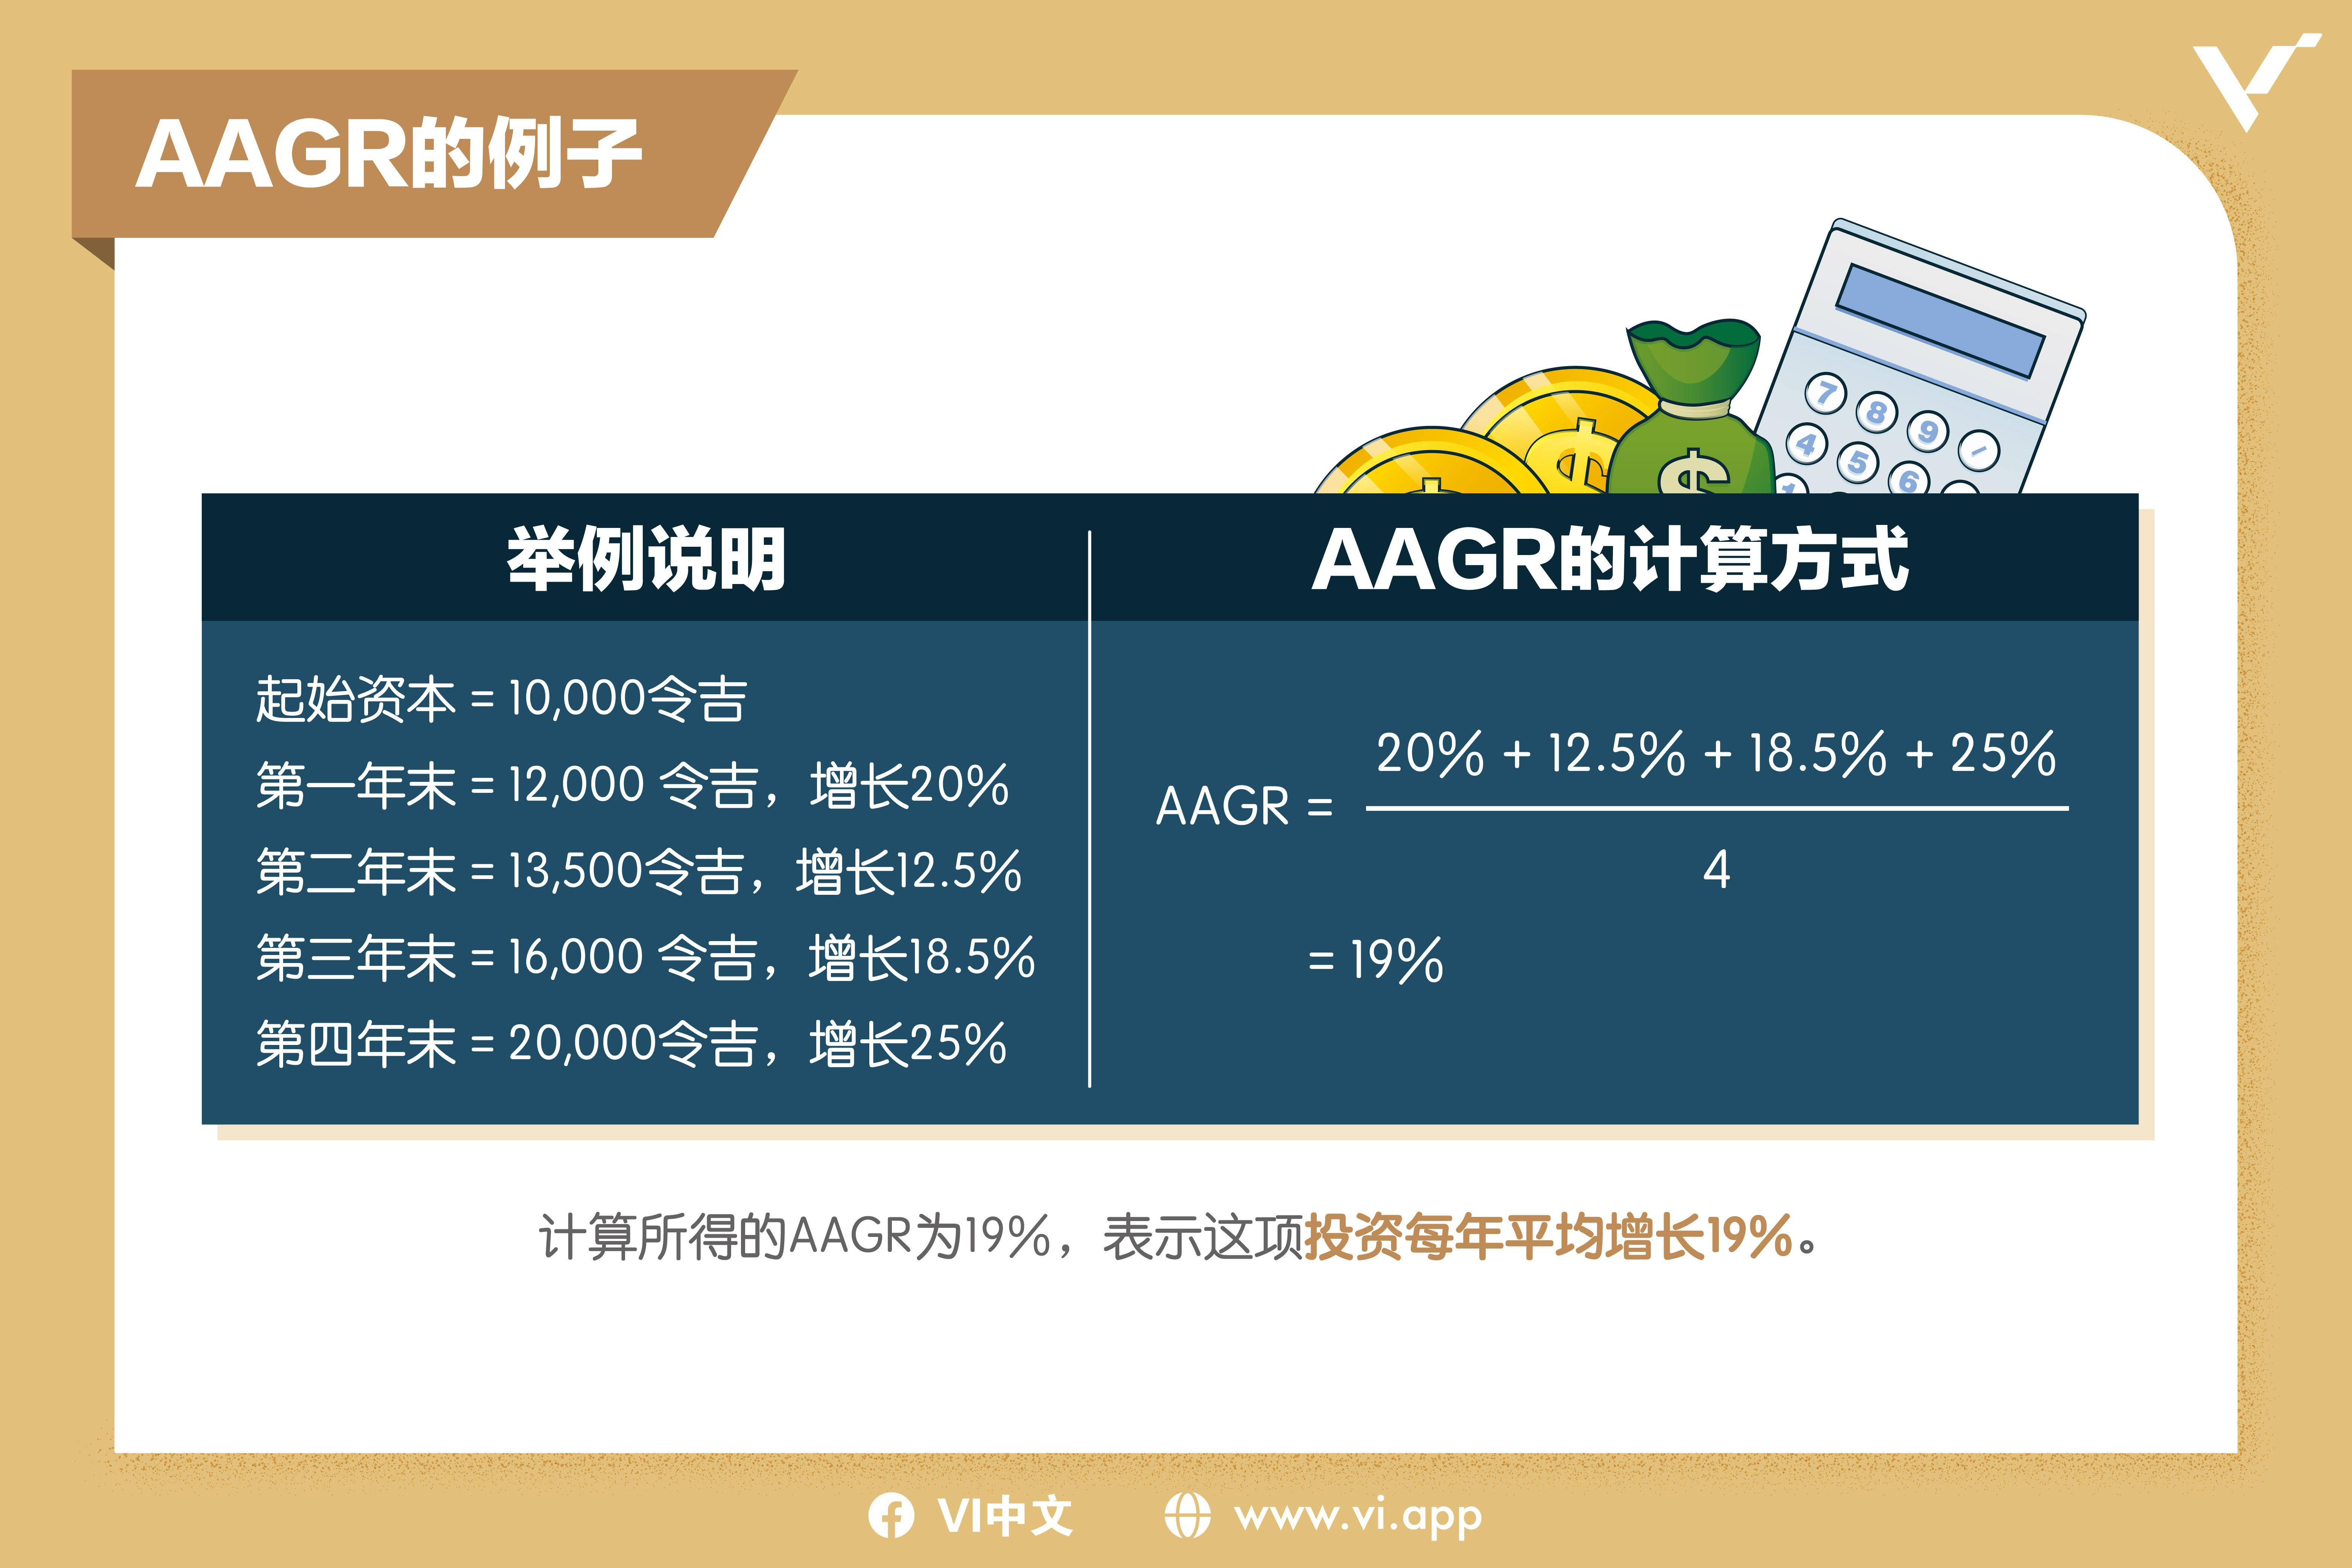 AAGR的例子